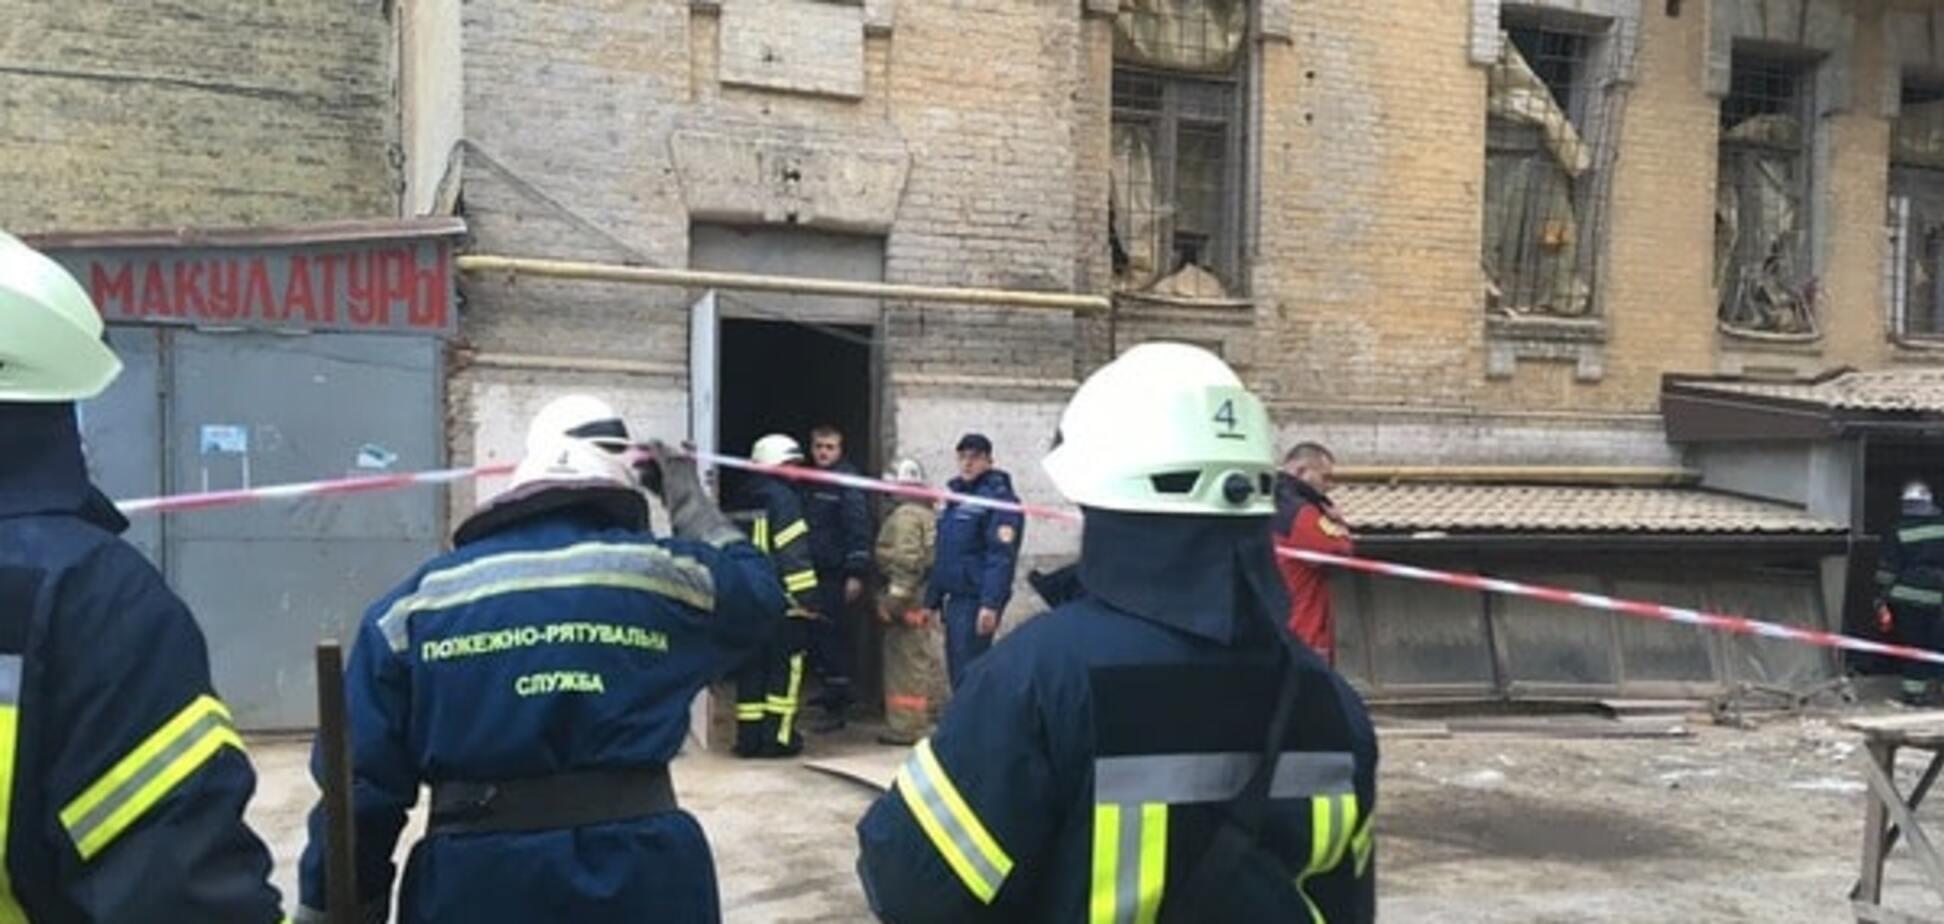 Обвалення будинку в Києві: в мерії заявили про одного загиблого, рятувальники спростовують